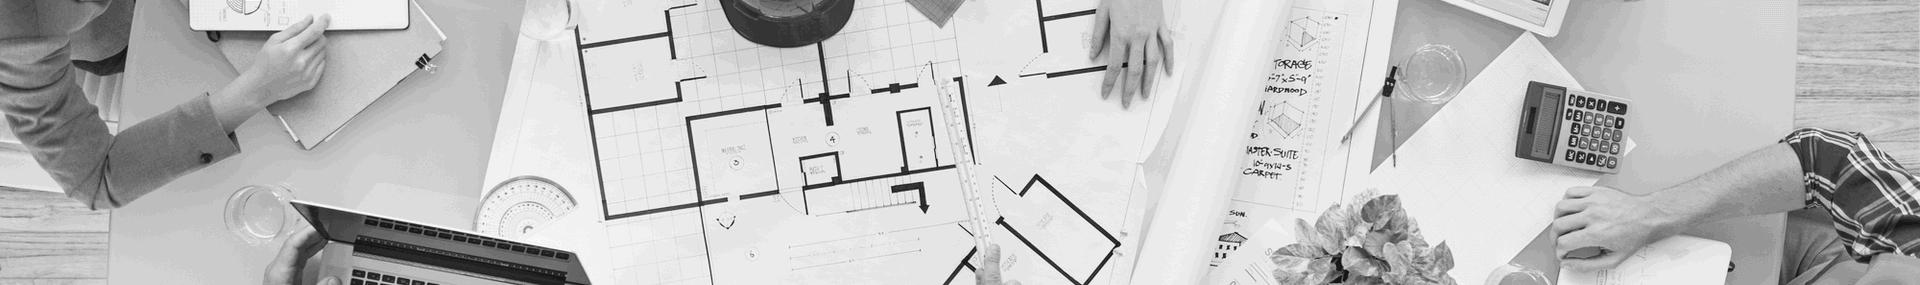 Projectmanagement perla kantoorinrichting haarlem - Professionele kantoorinrichting ...